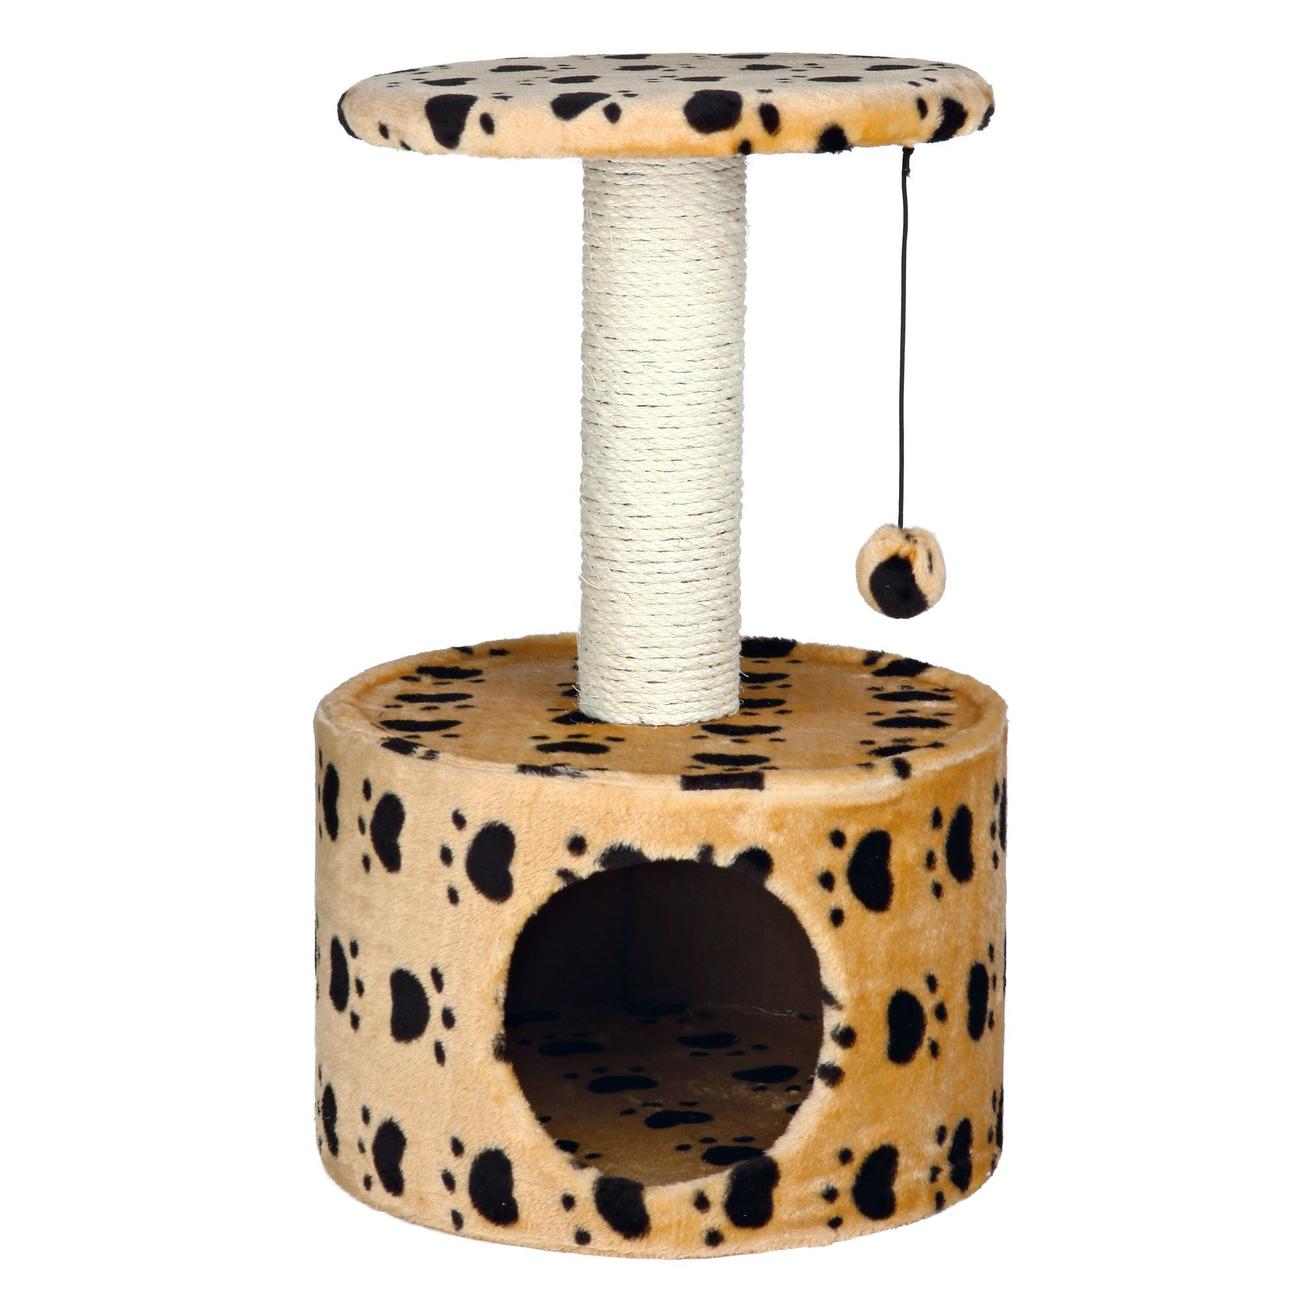 kleiner kratzbaum toledo 43704 von trixie g nstig bestellen. Black Bedroom Furniture Sets. Home Design Ideas